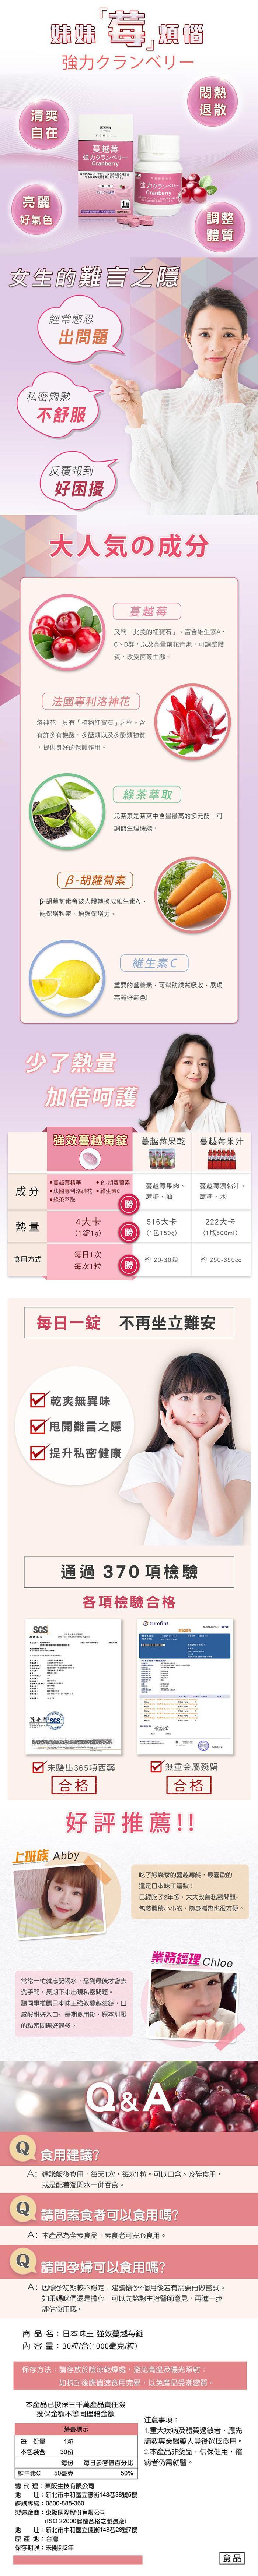 日本味王-強效蔓越莓錠(30粒)產品資訊